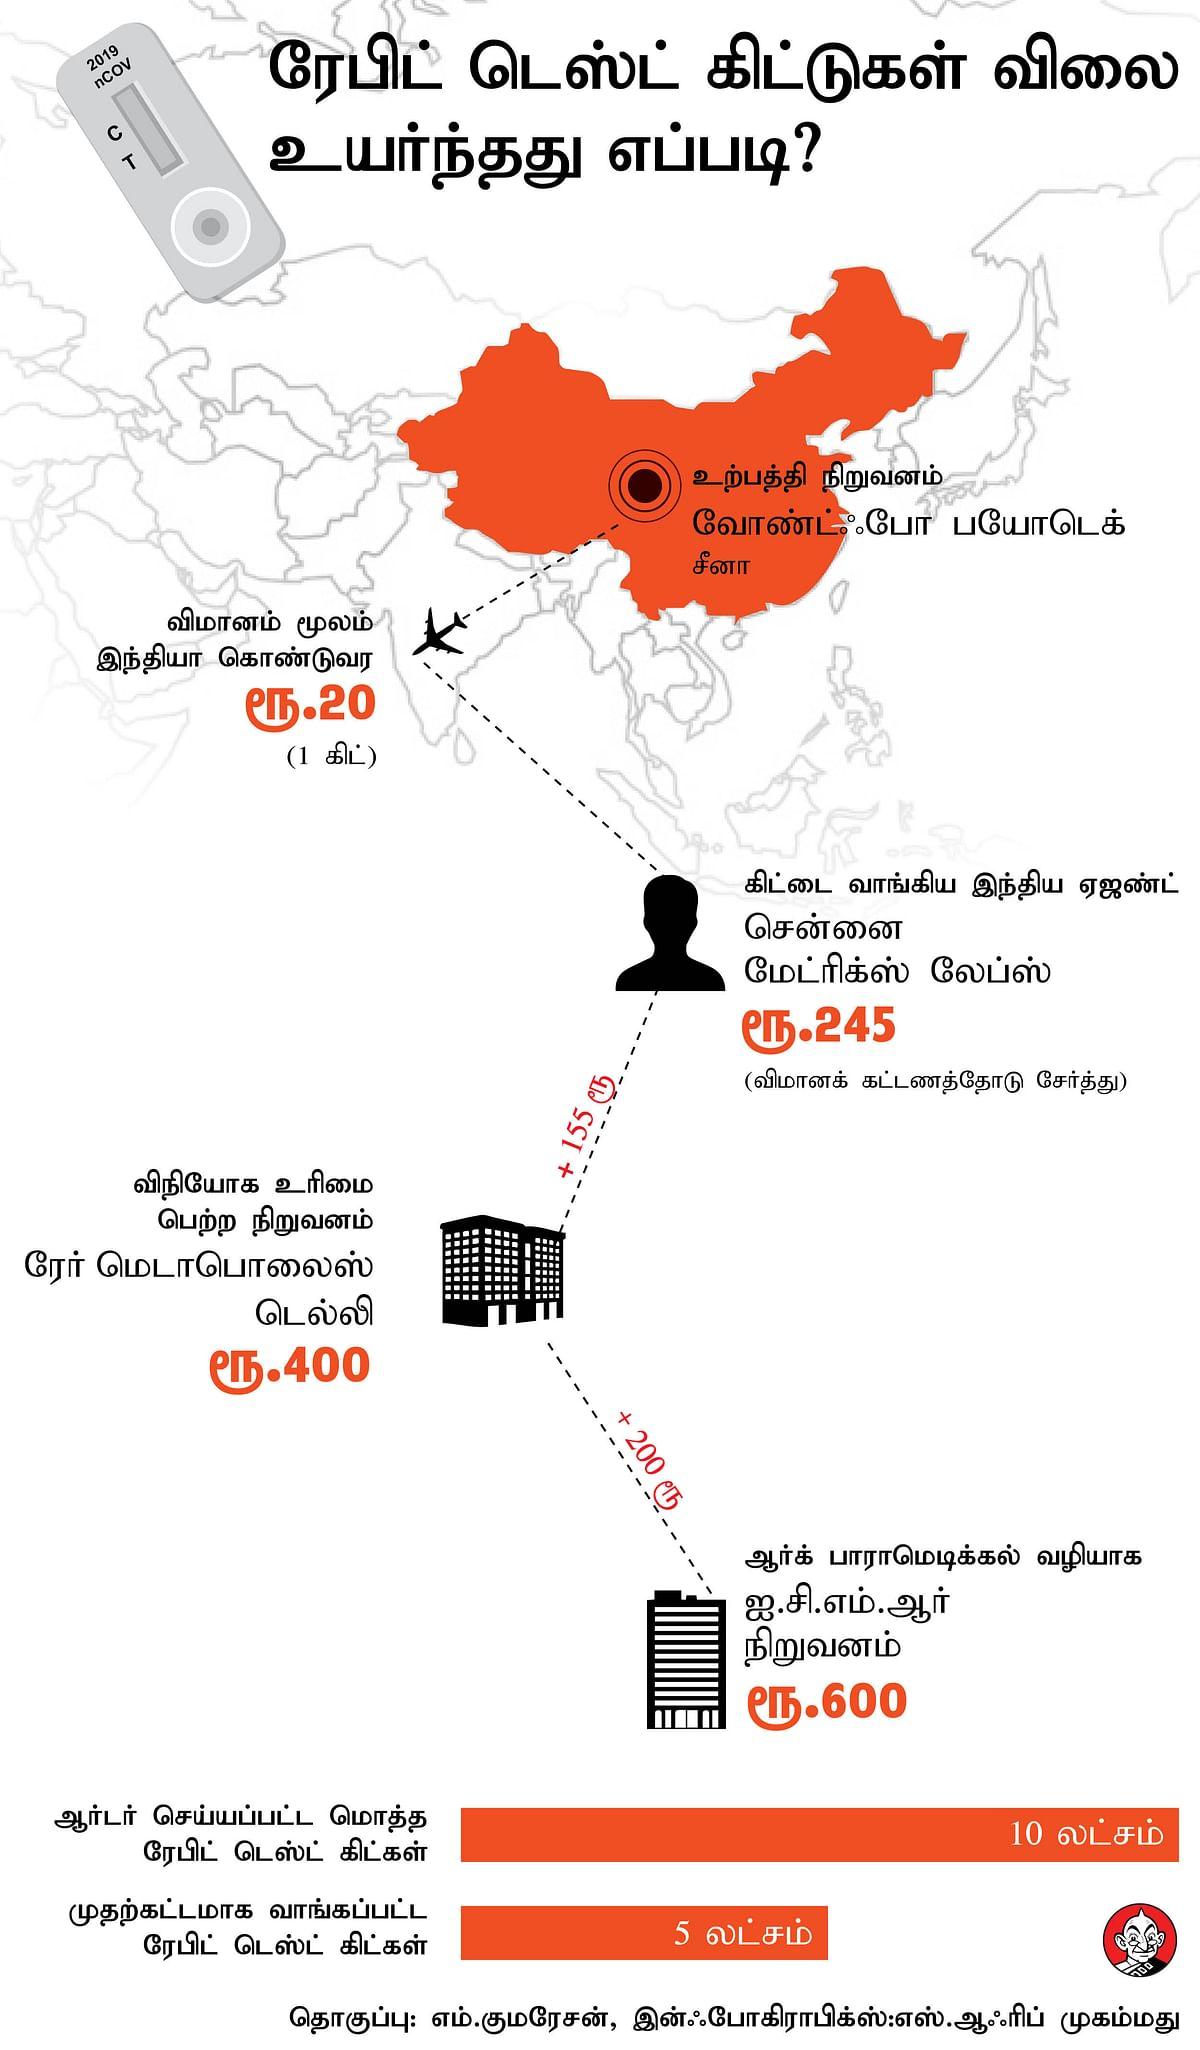 ரேபிட் கிட் விலை உயர்வைக்  காட்டும் கிராஃபிக்ஸ்